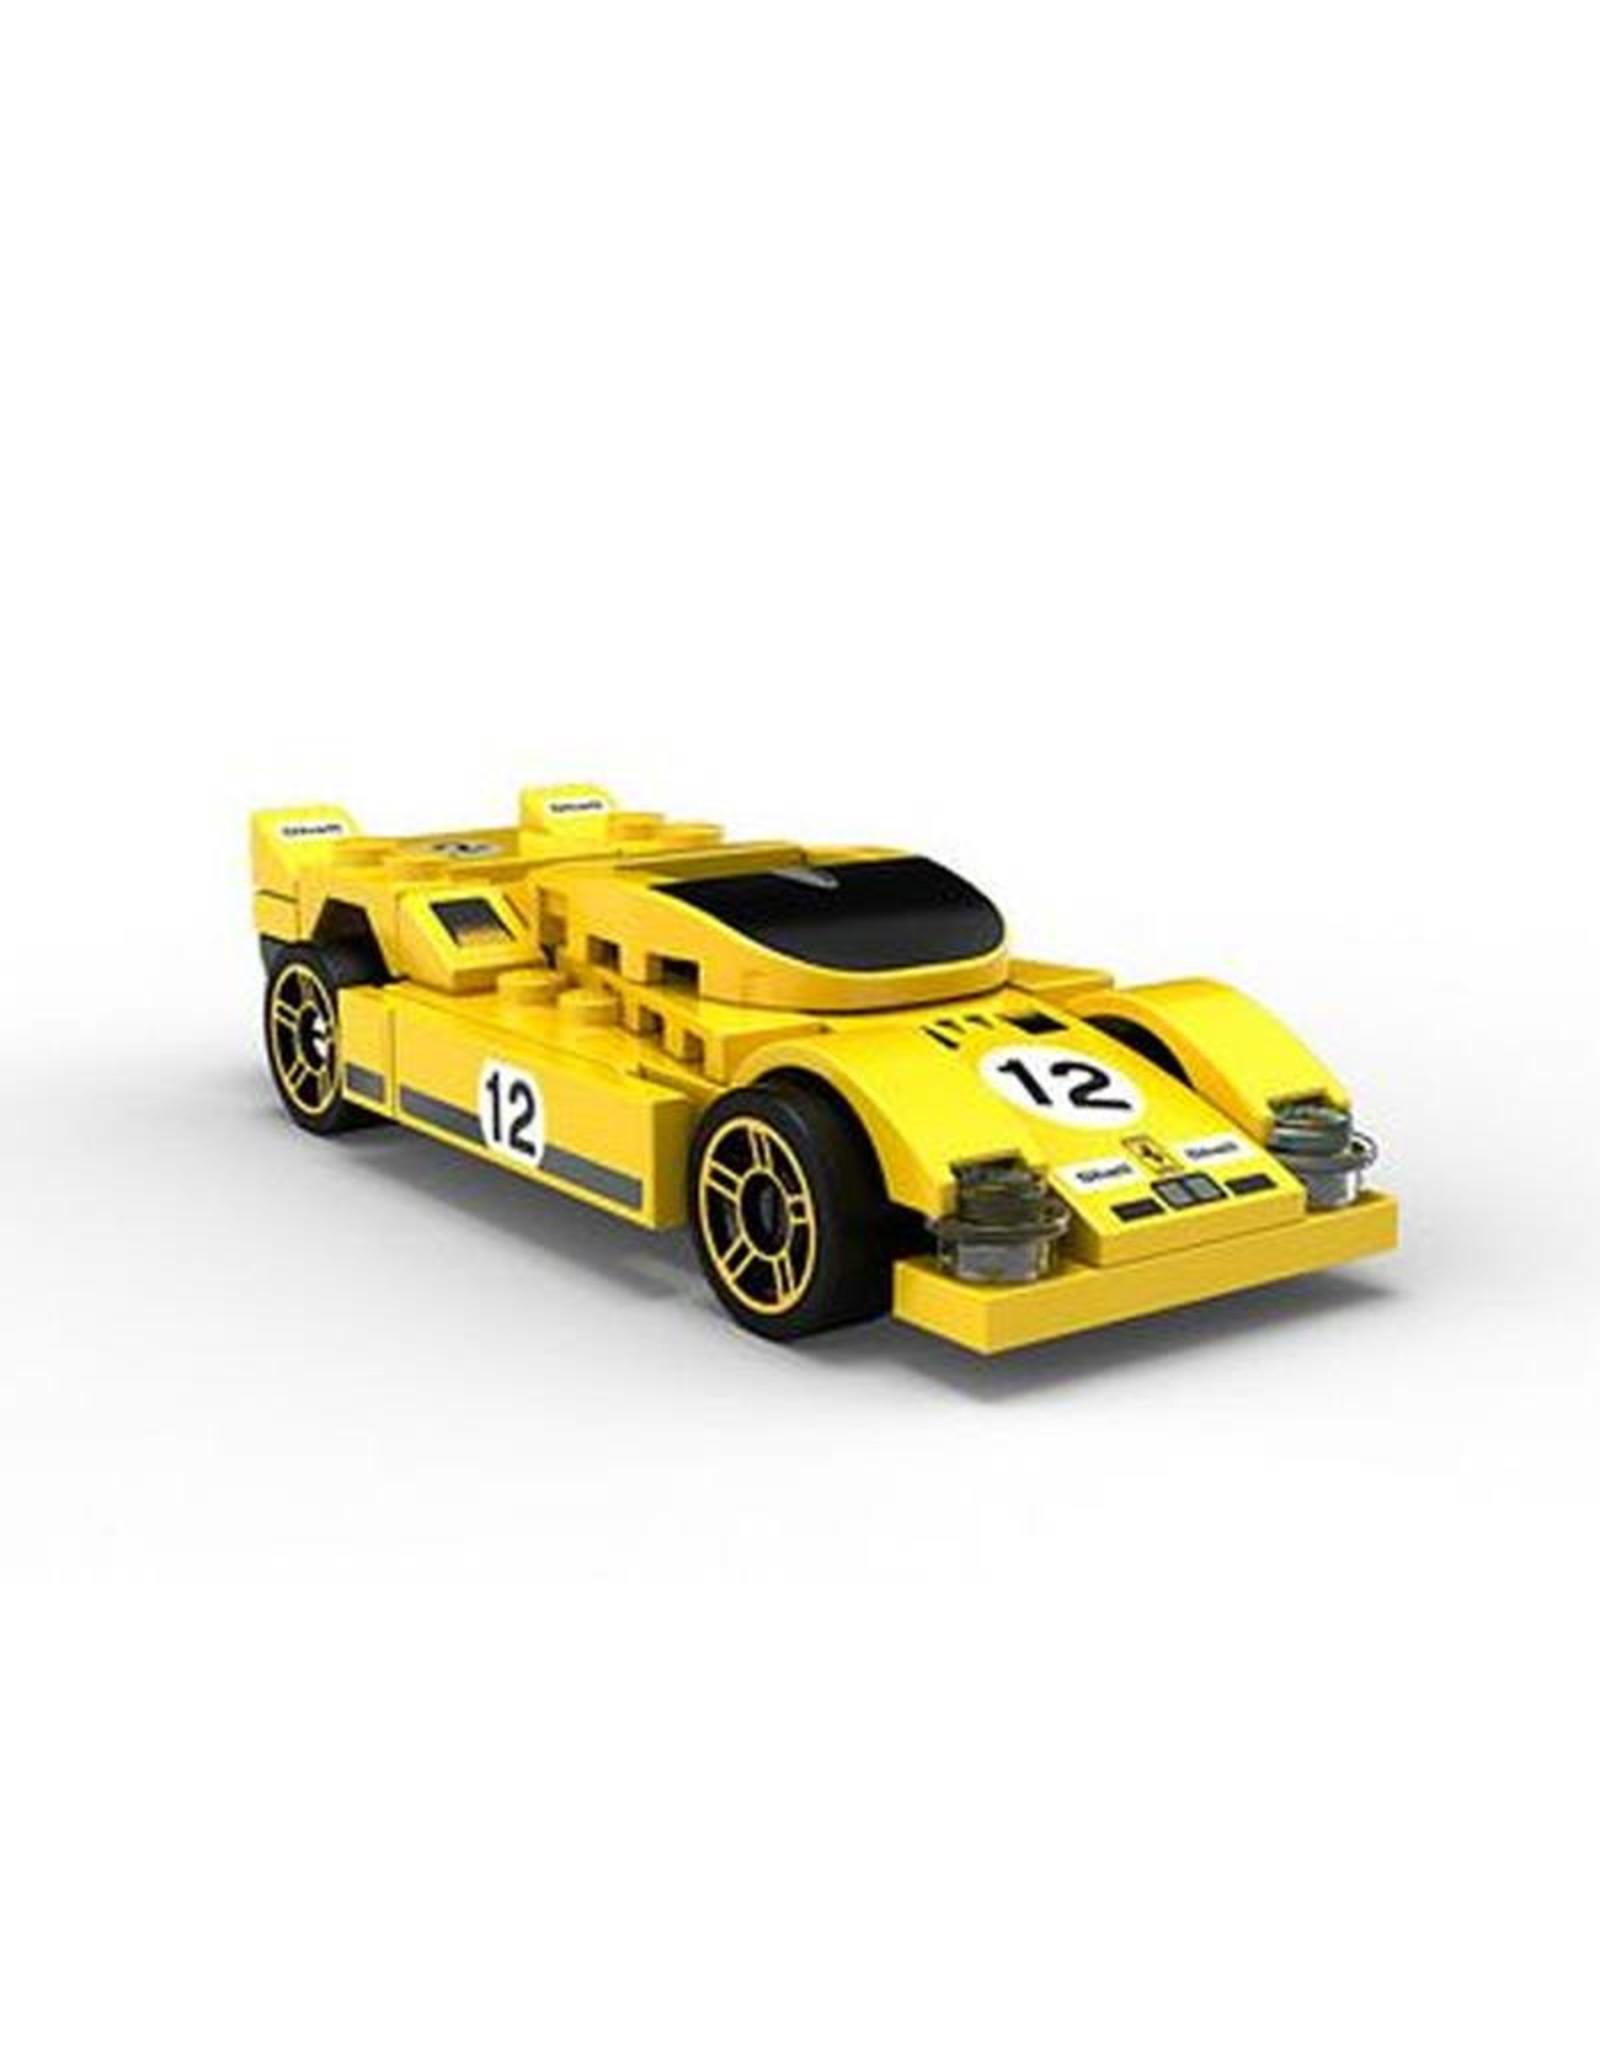 LEGO LEGO 40193 Ferrari 520 S RACERS